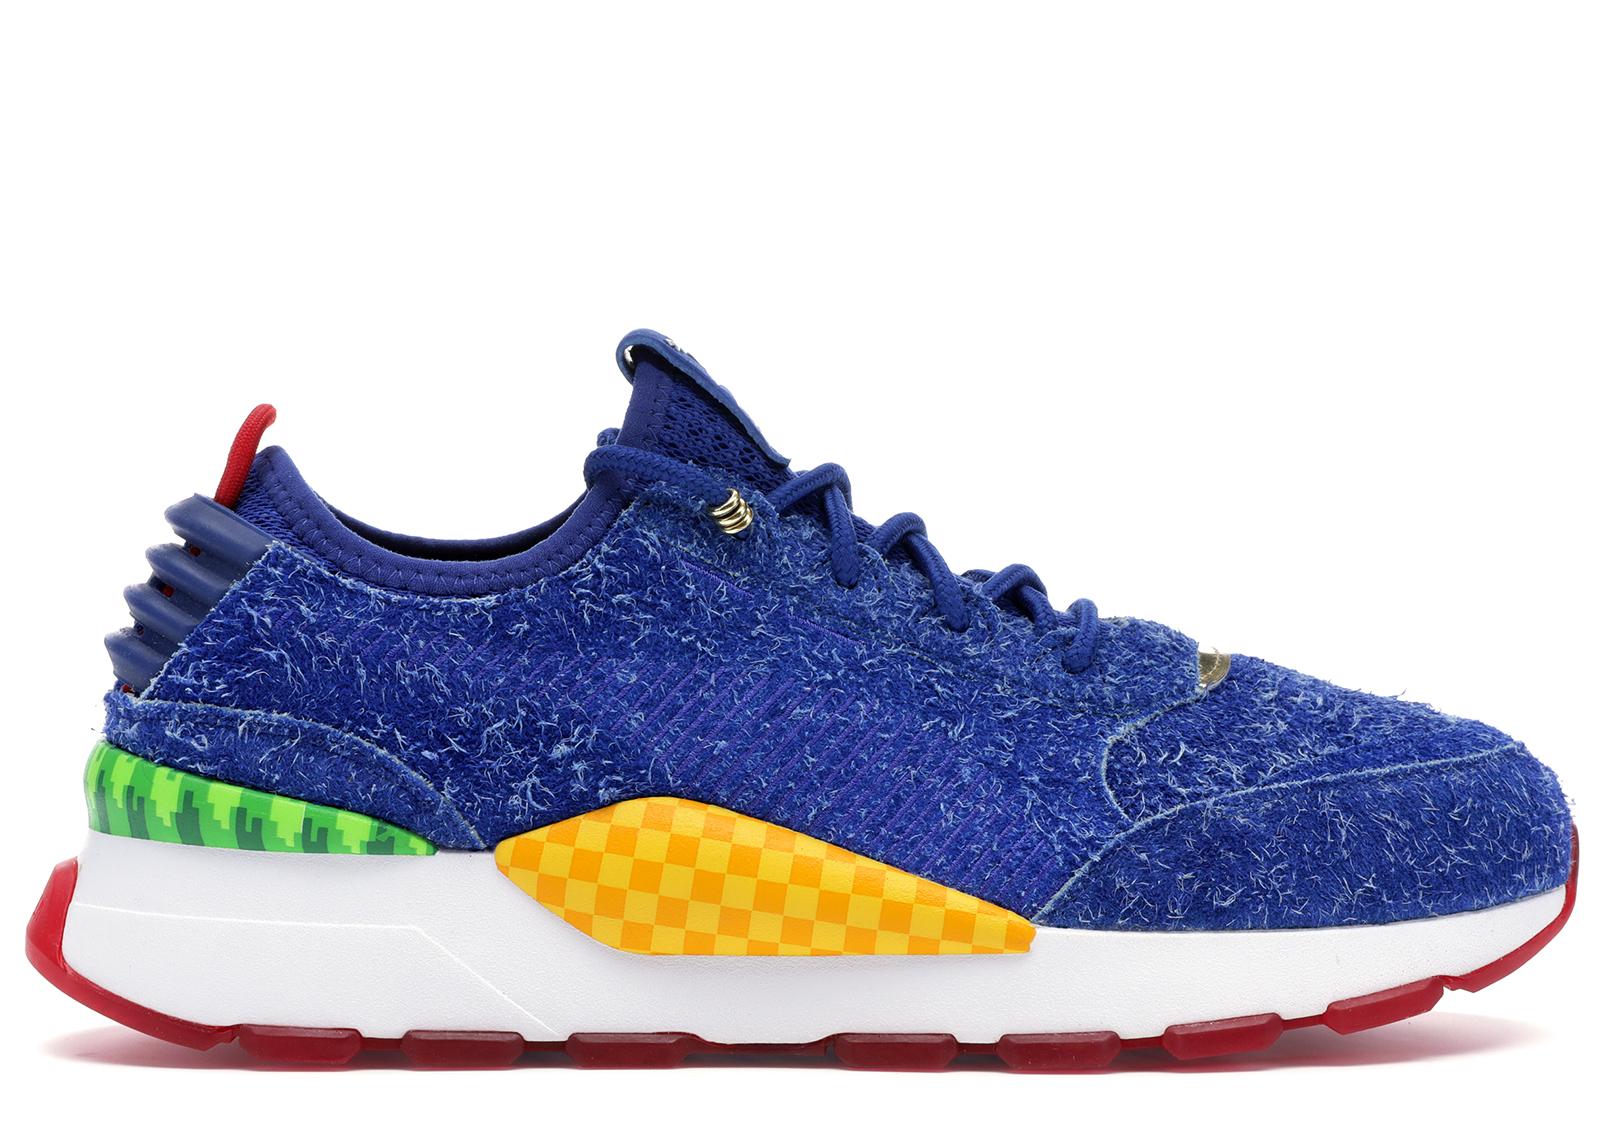 Puma et SEGA dévoilent les sneakers SONIC GOLEM13.FR